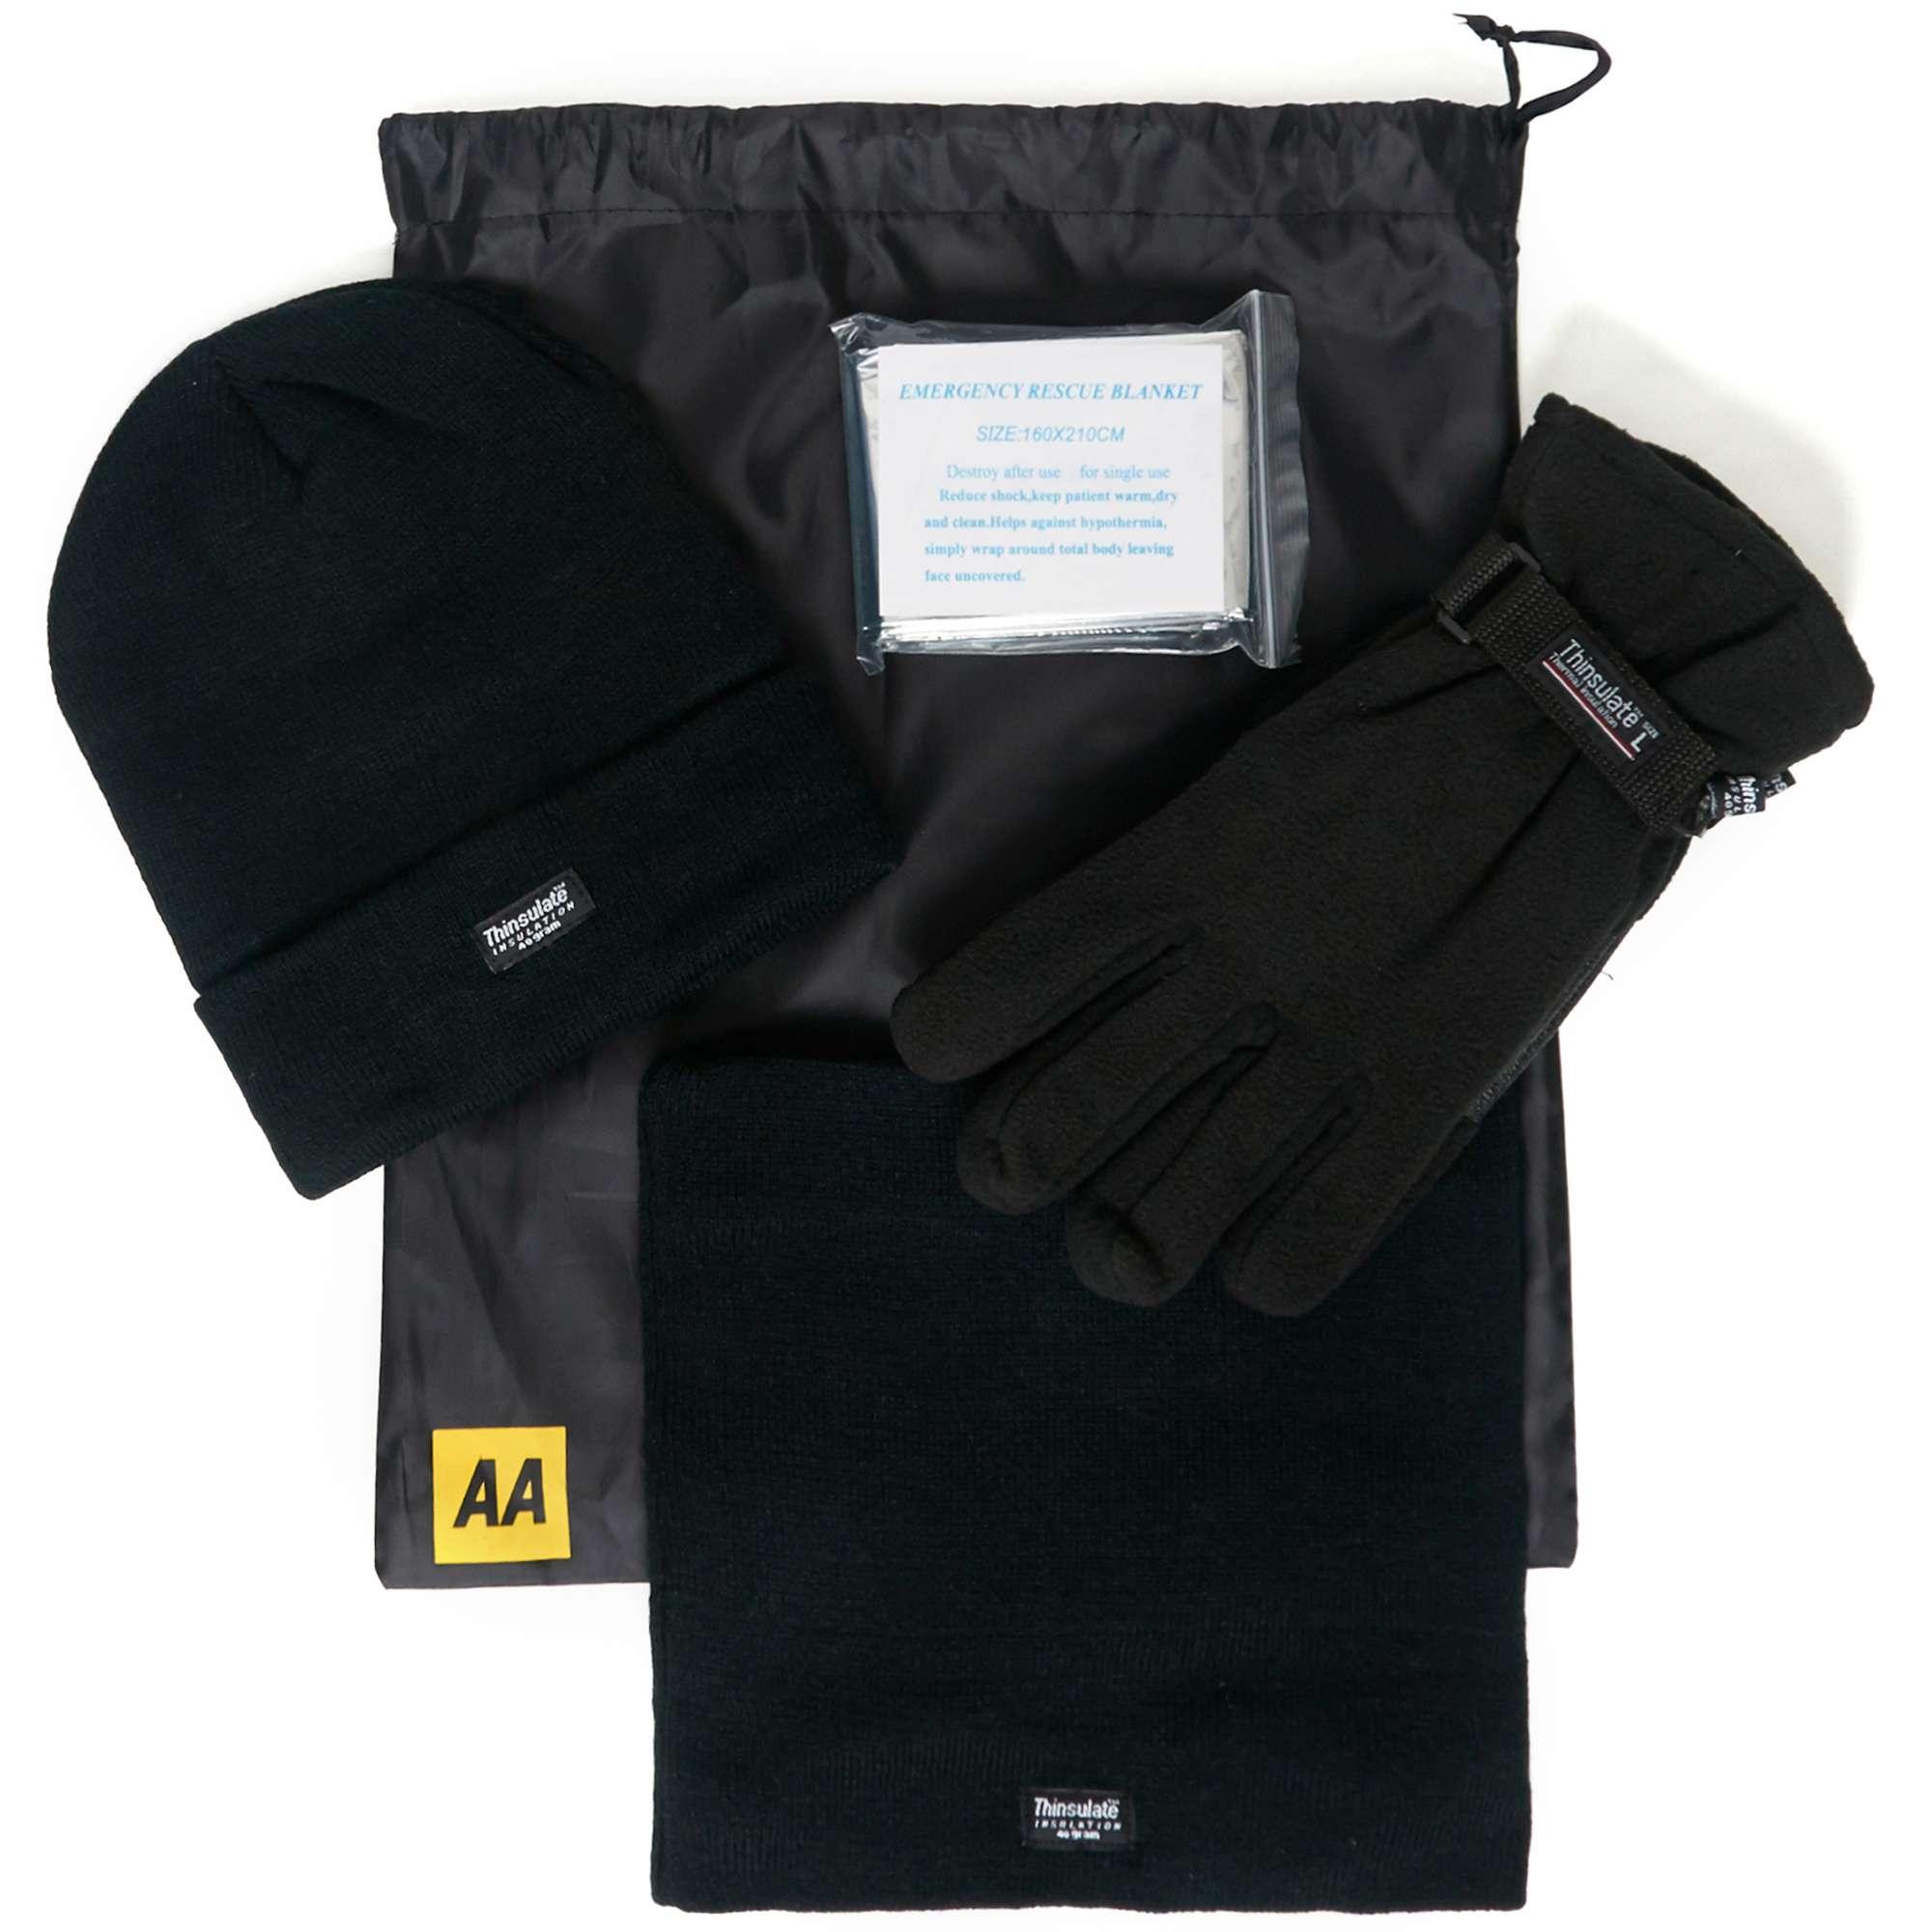 AA Car Essentials Winter Warmer Kit